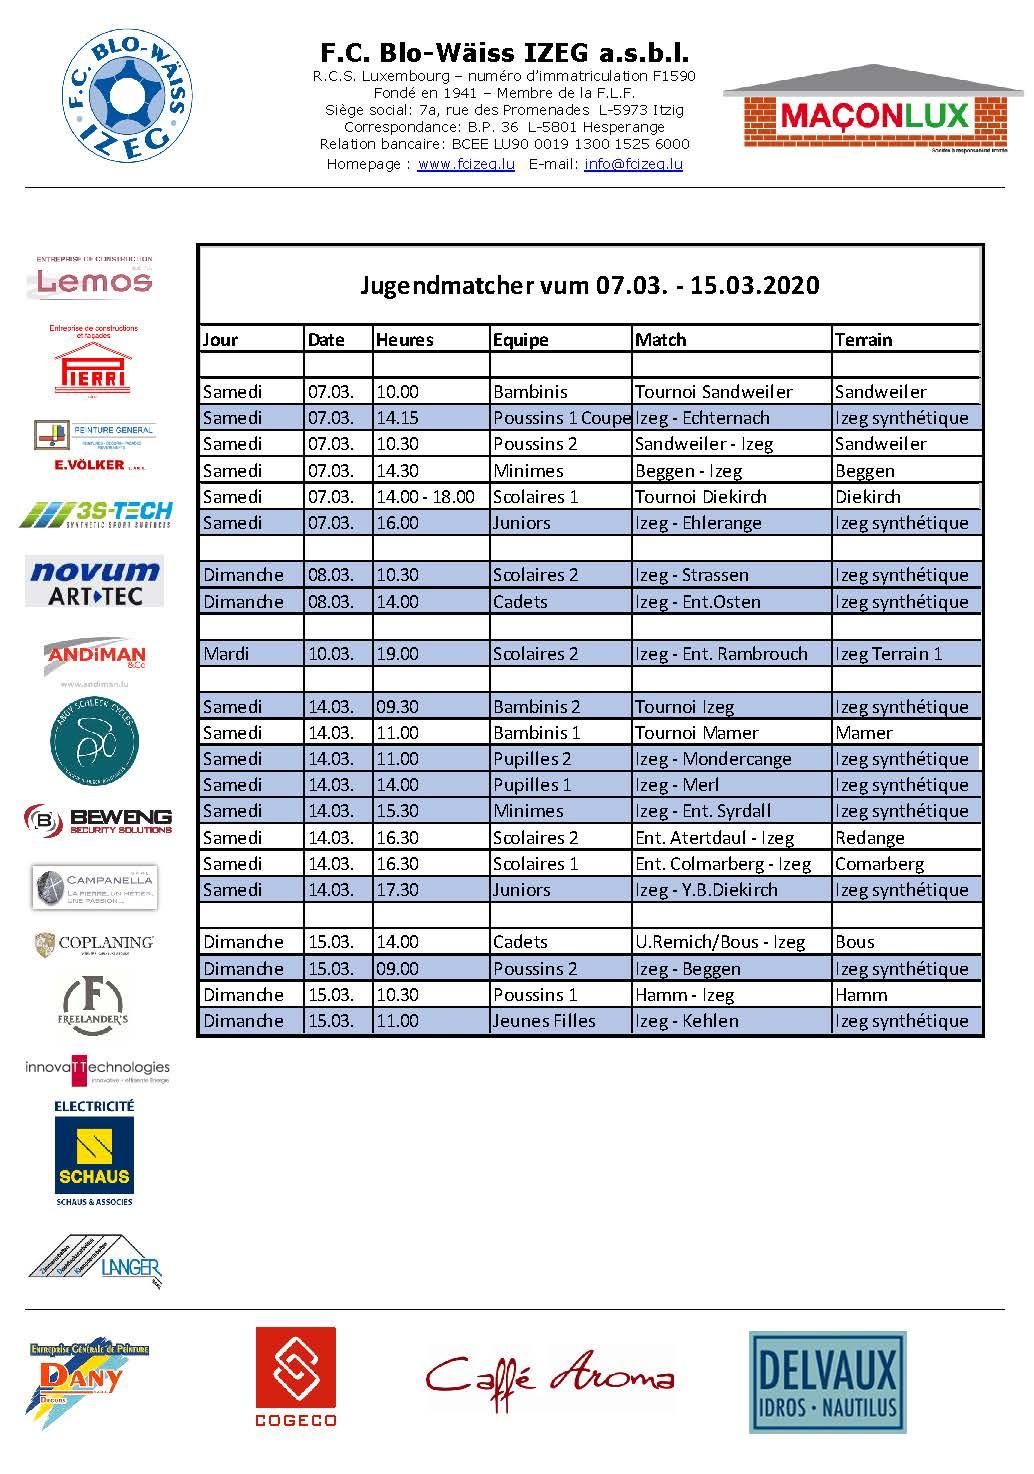 Jugendmatcher vum 07. bis 15. Mäerz